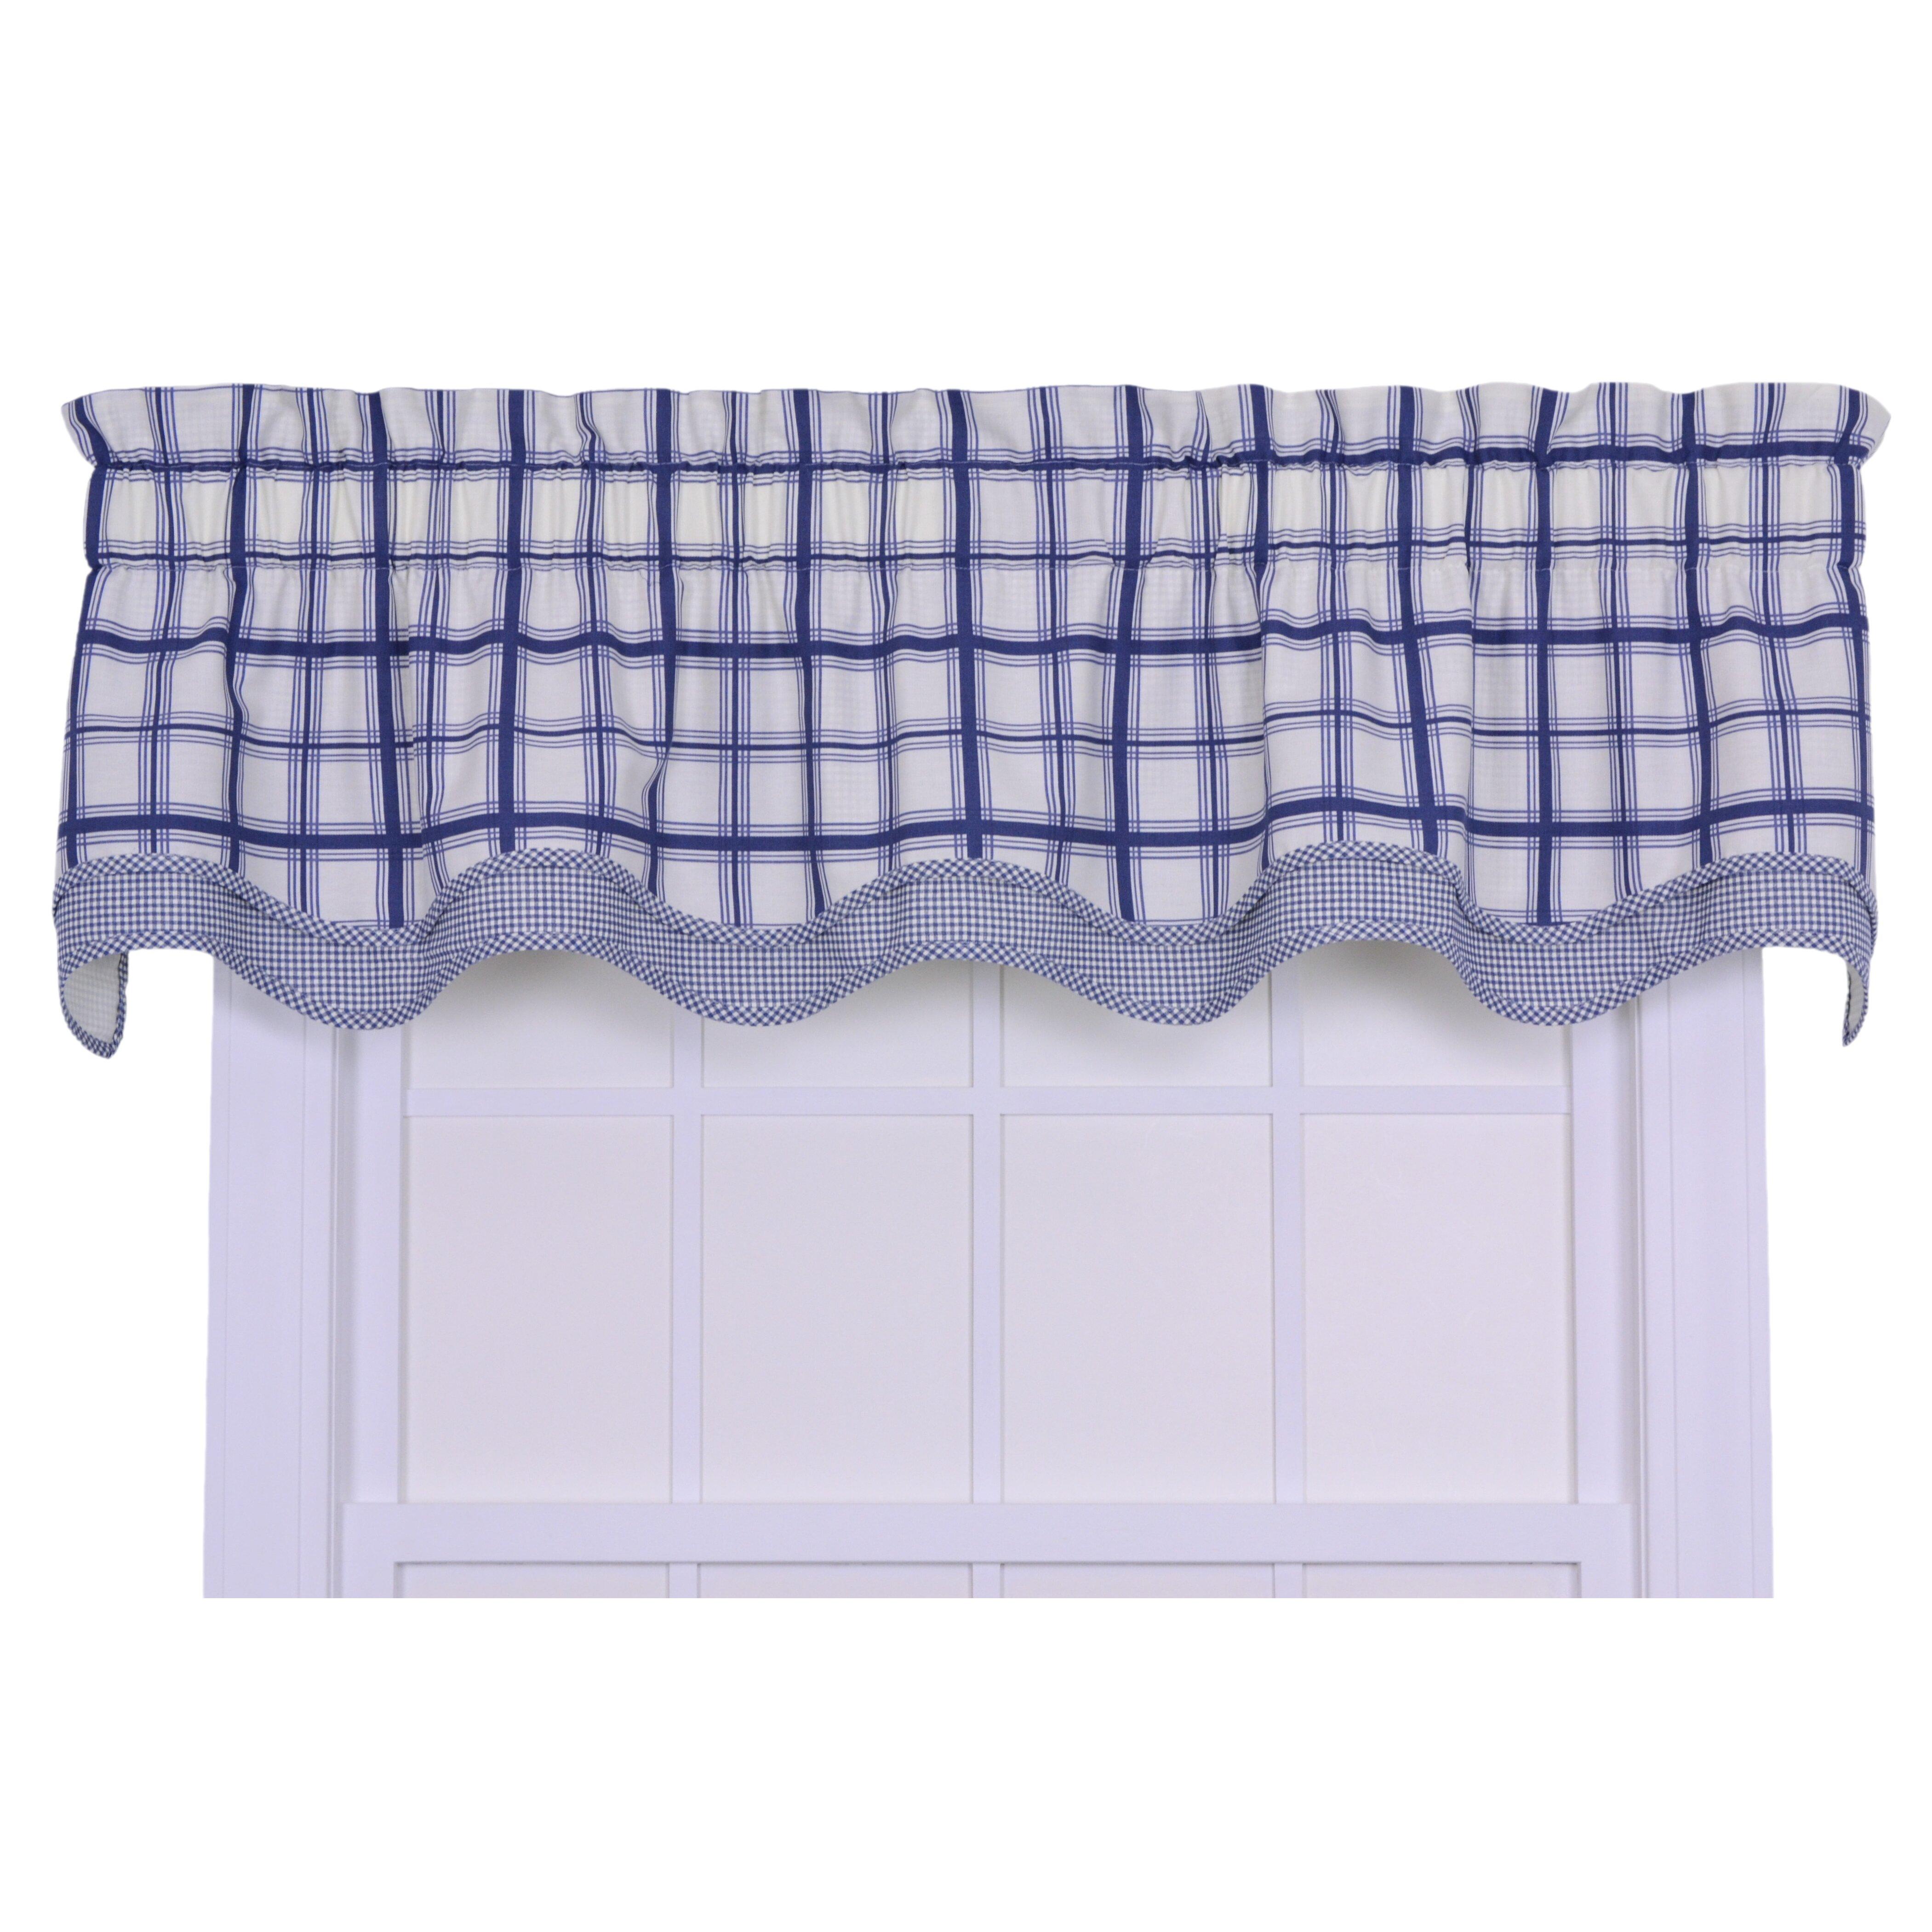 Plaid Kitchen Curtains Valances Check Plaid Valances Kitchen Curtains Youll Love Wayfair